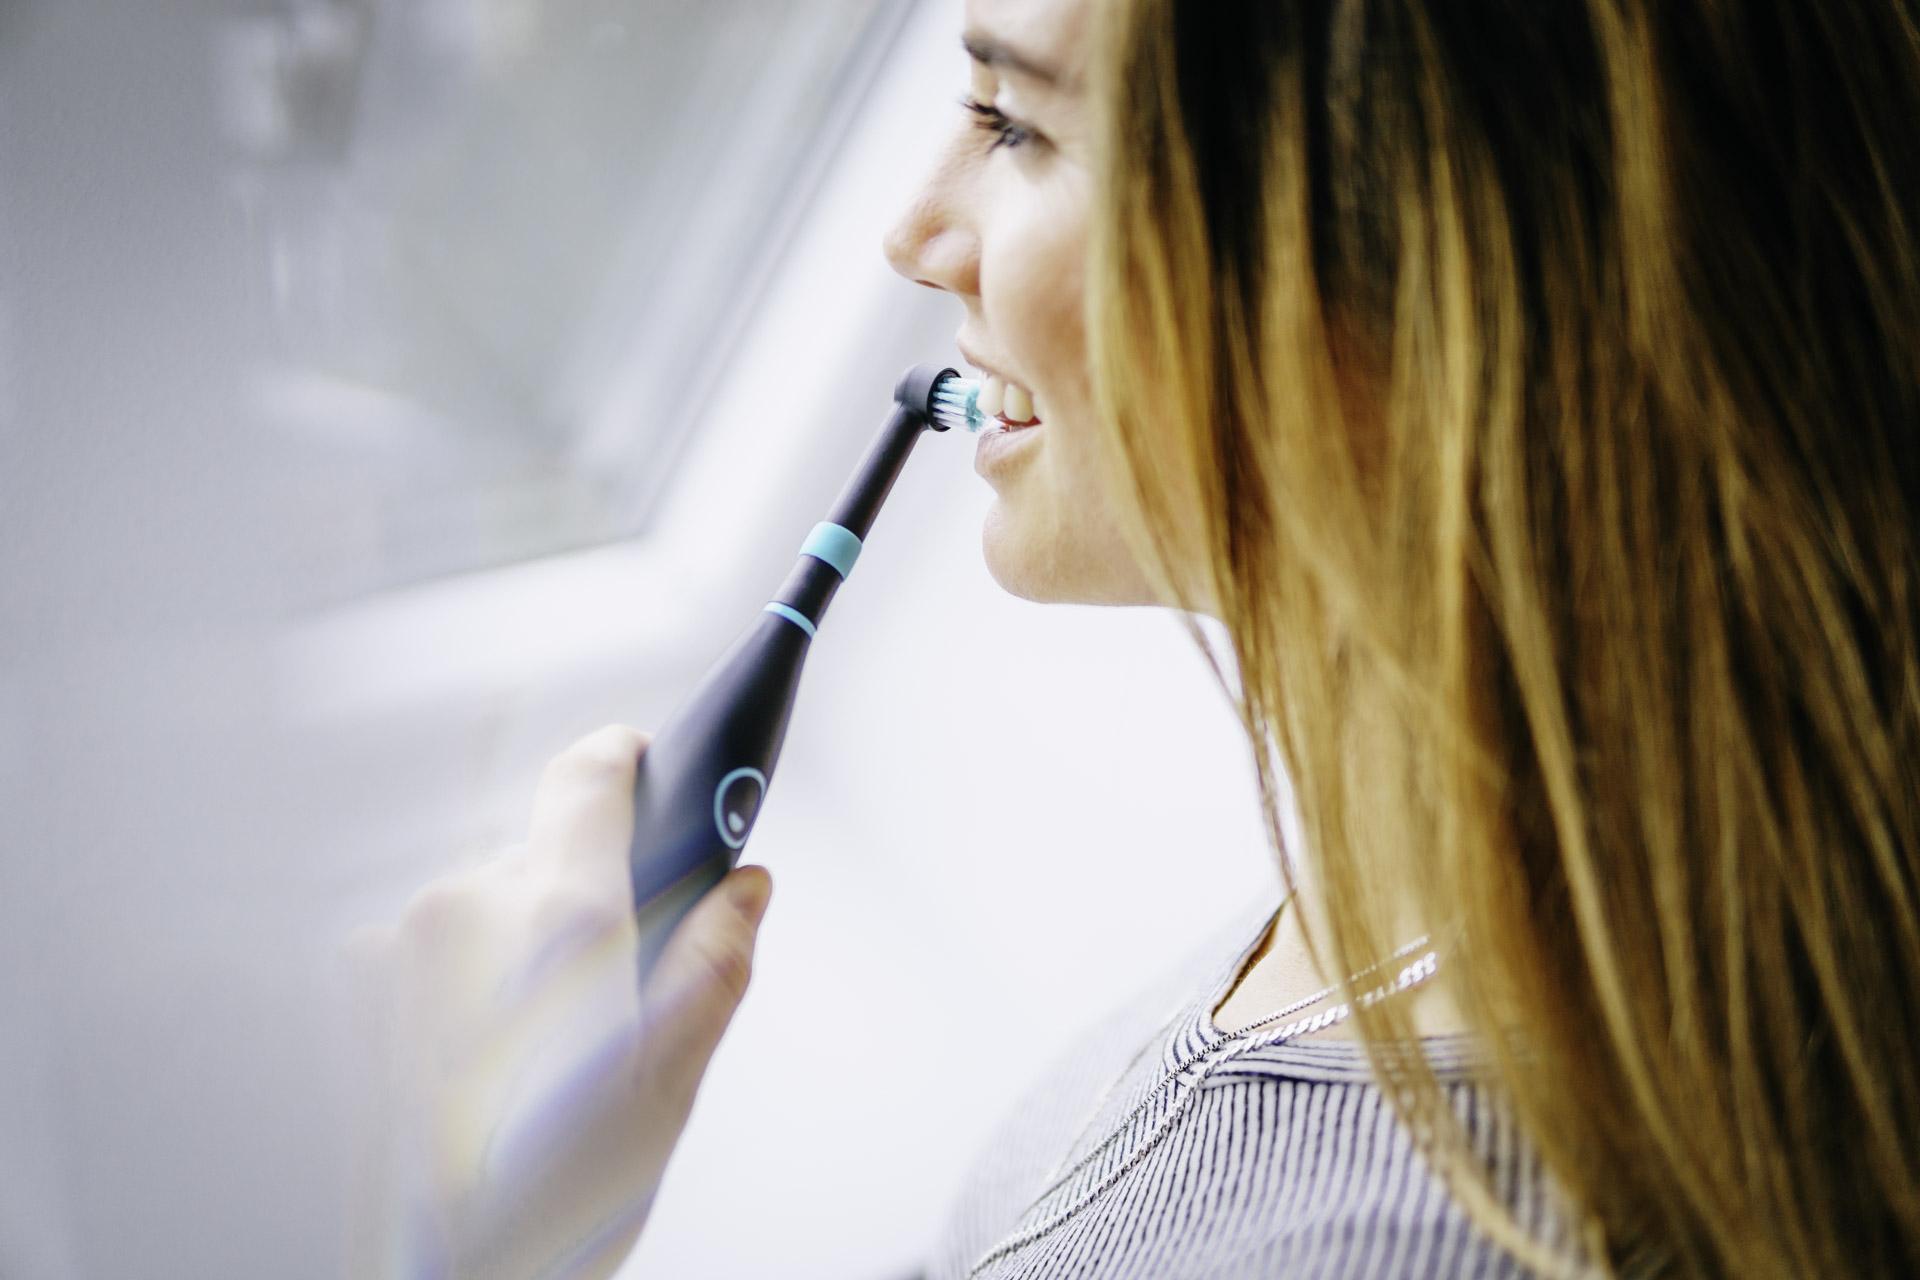 Natürliches Produktfoto von Zahnbürste elektrisch eines Münchener Startups mit Frauen Model